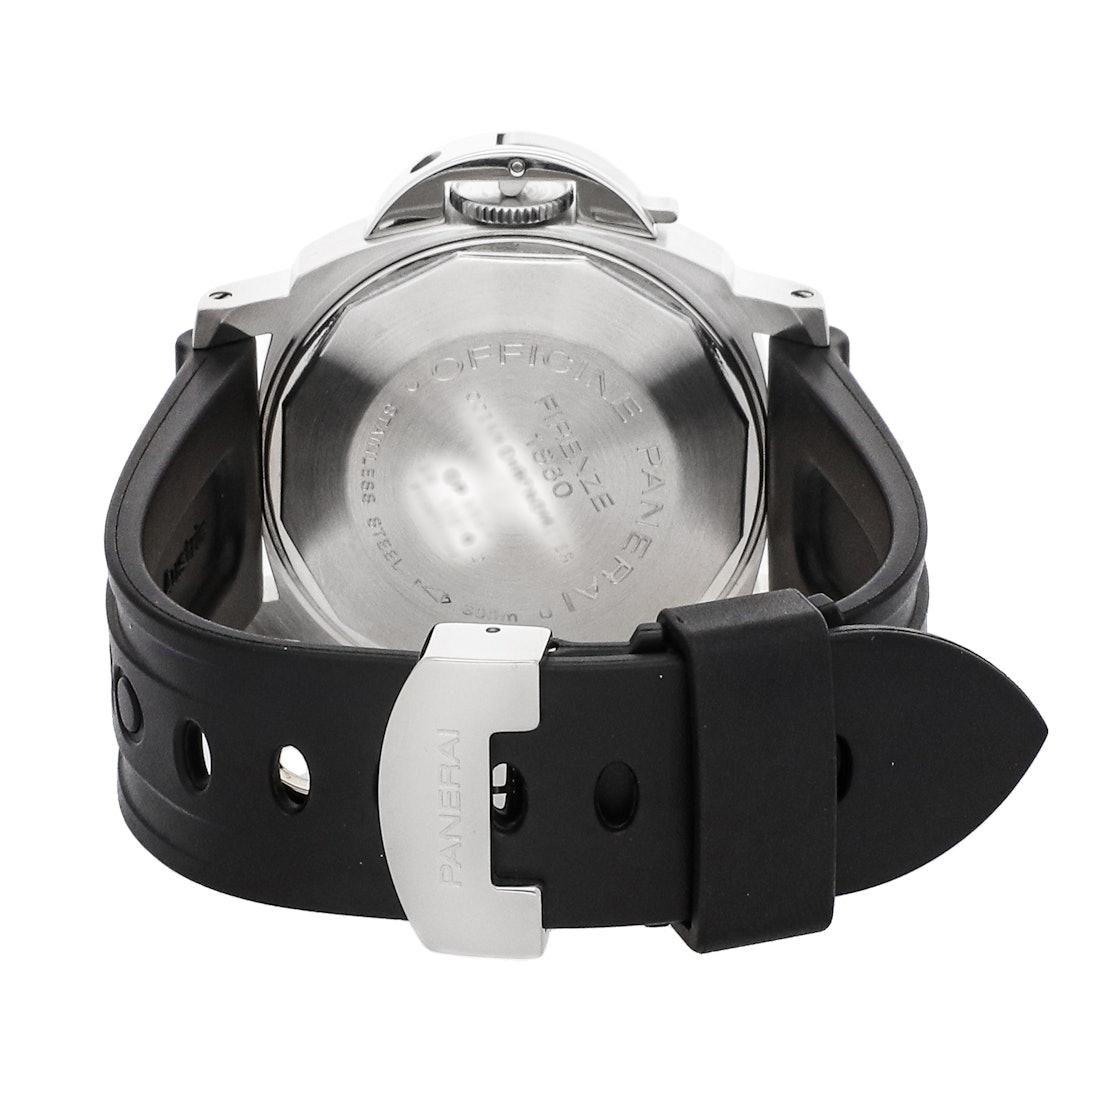 Panerai Luminor GMT PAM 159